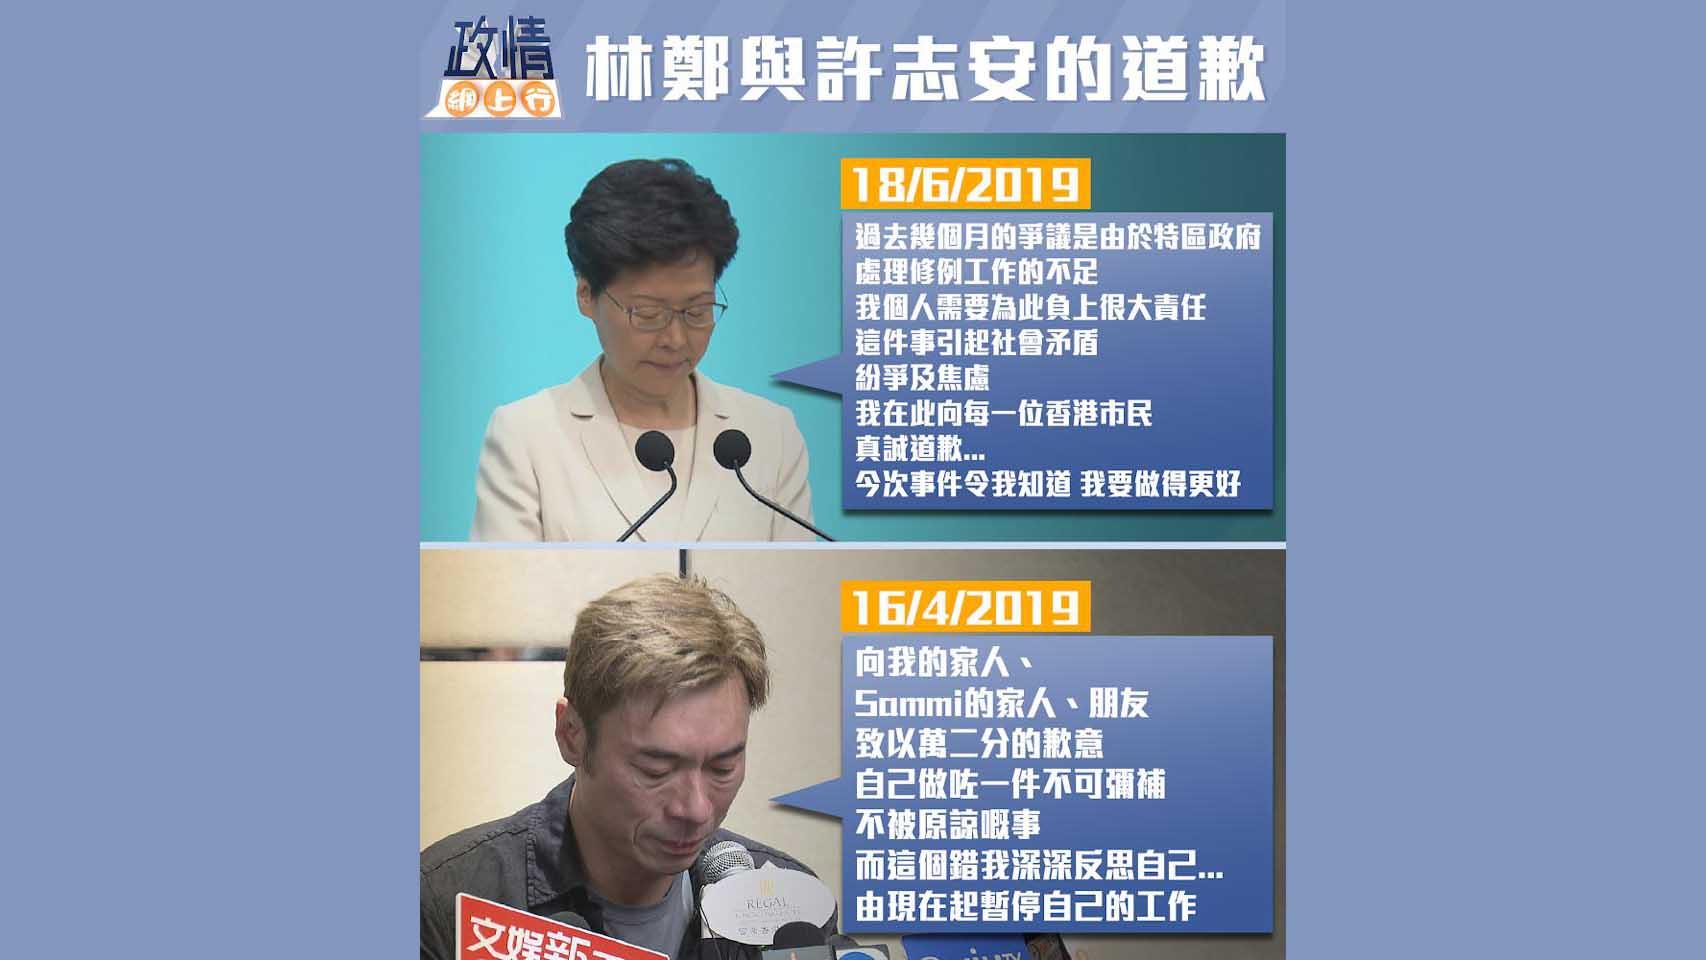 【政情網上行】林鄭與許志安的道歉